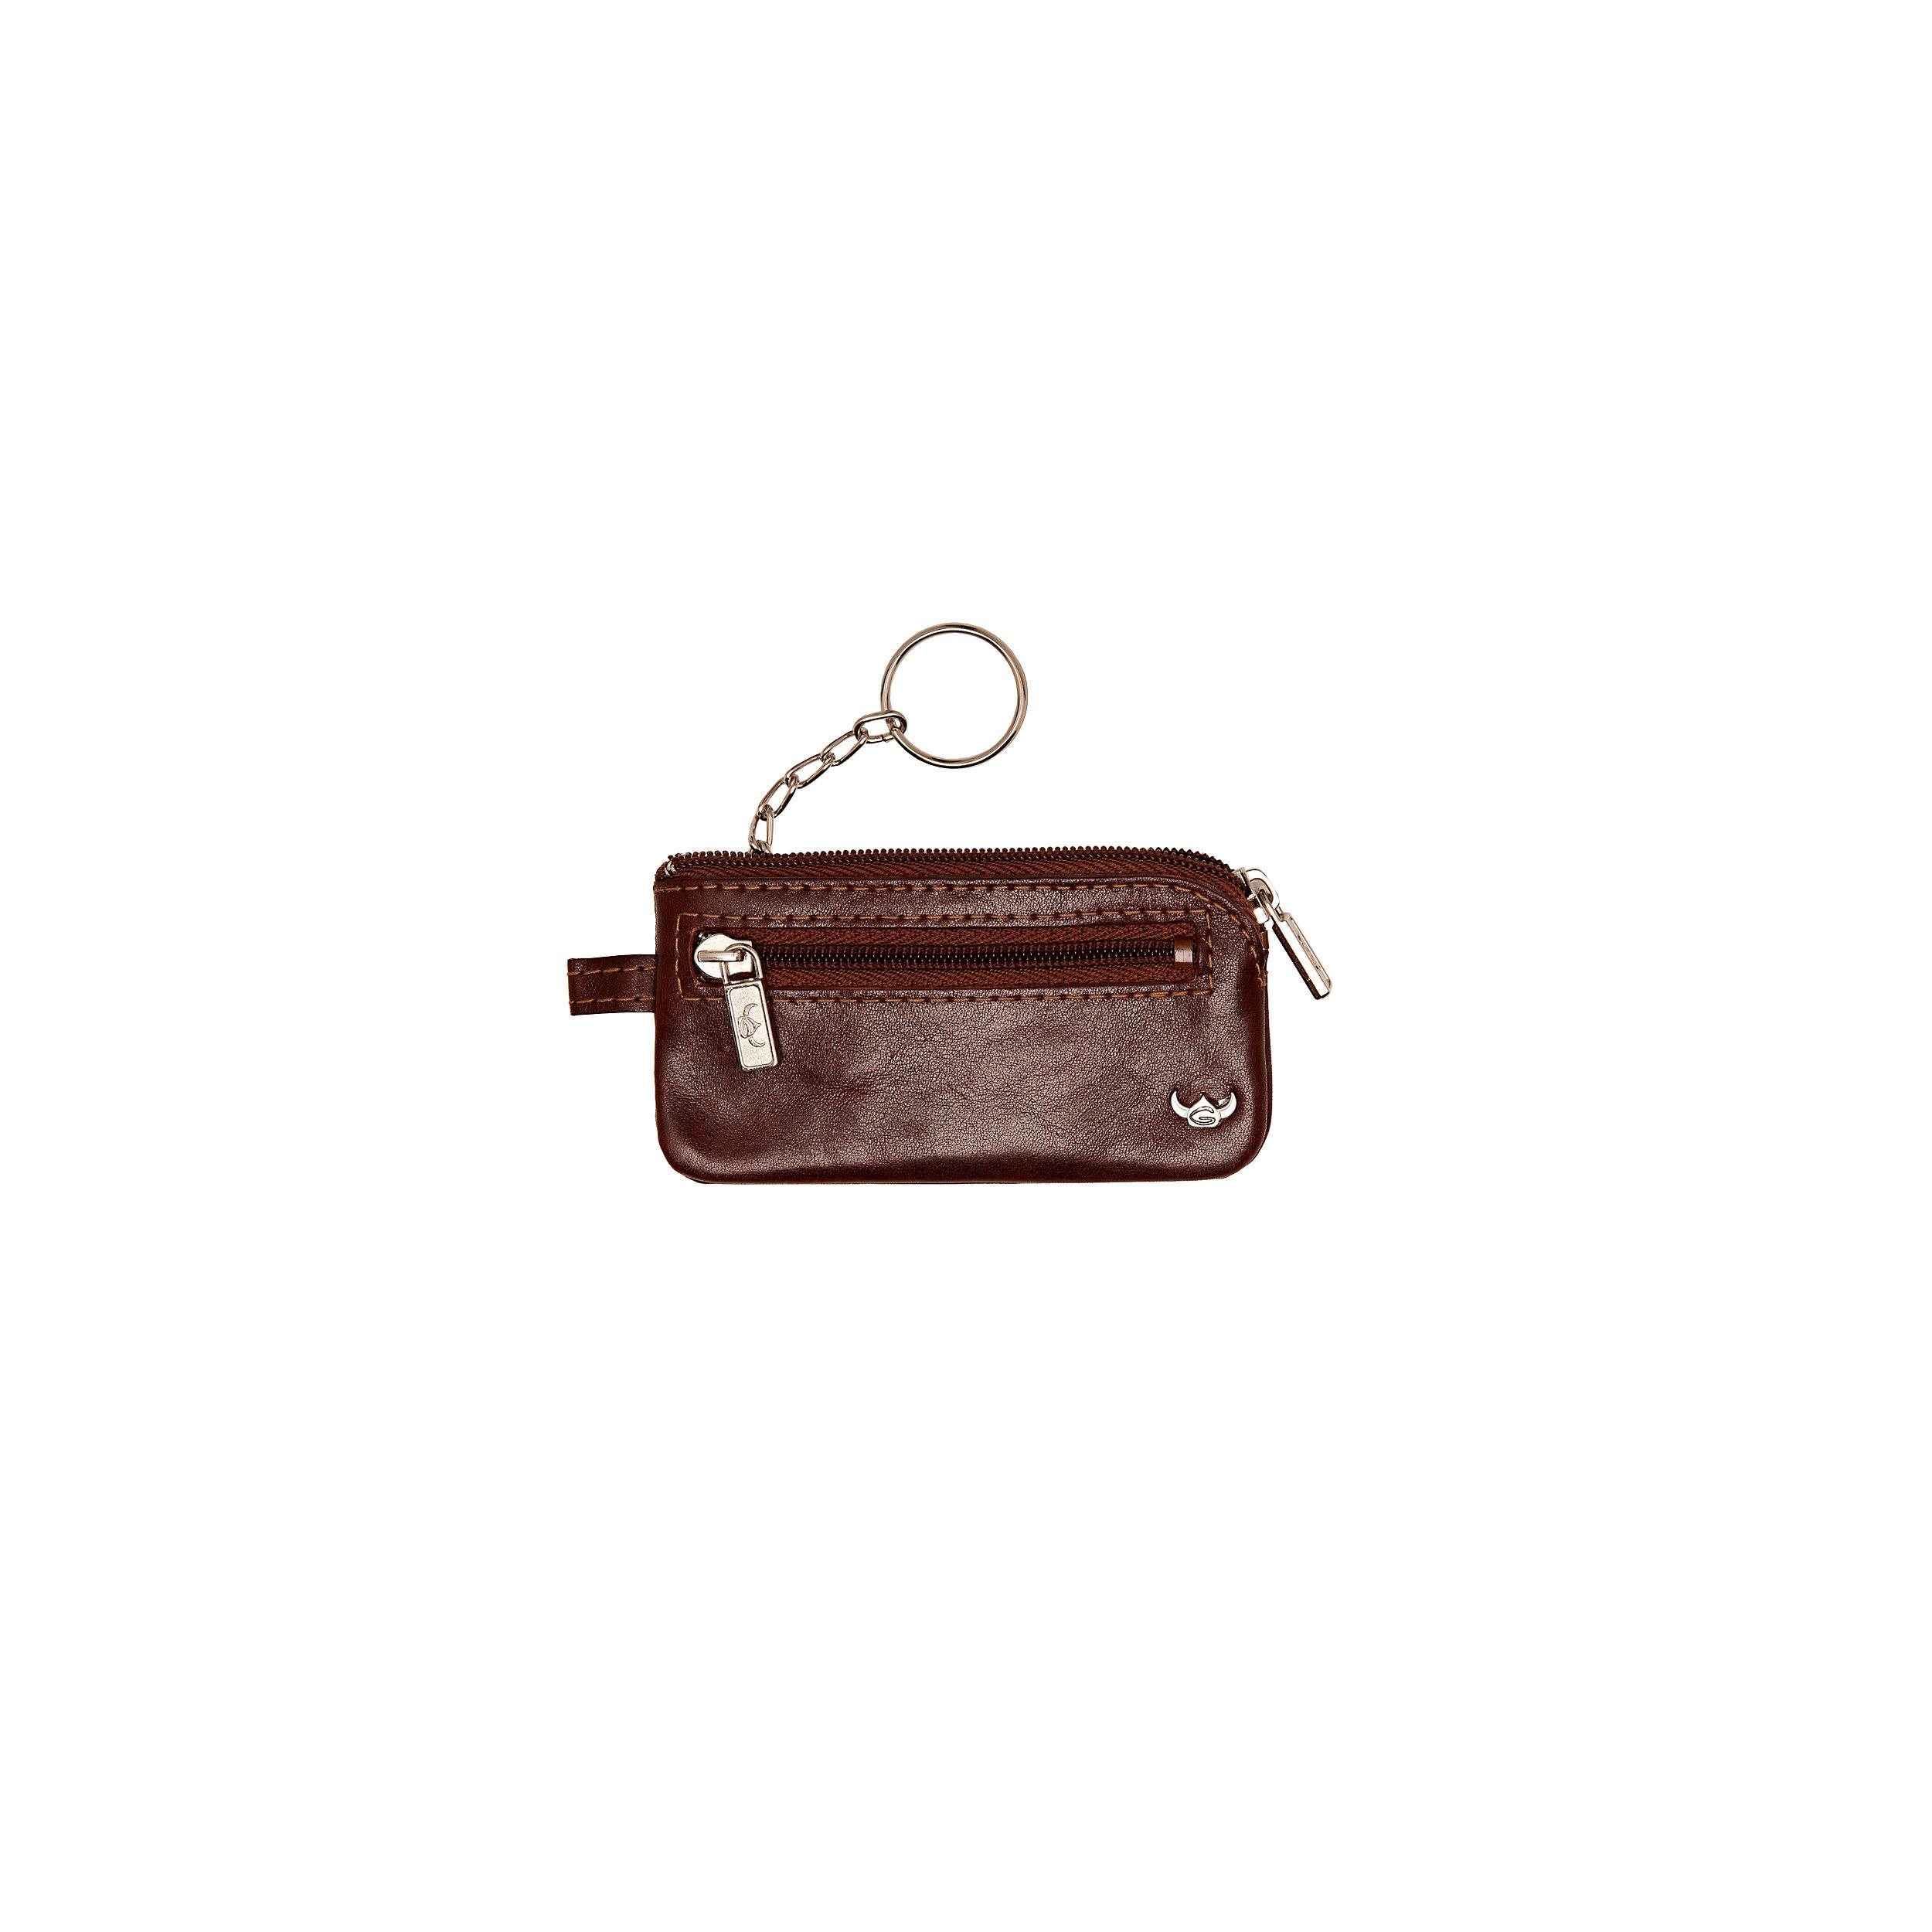 Zipped Key Case Colorado Classic